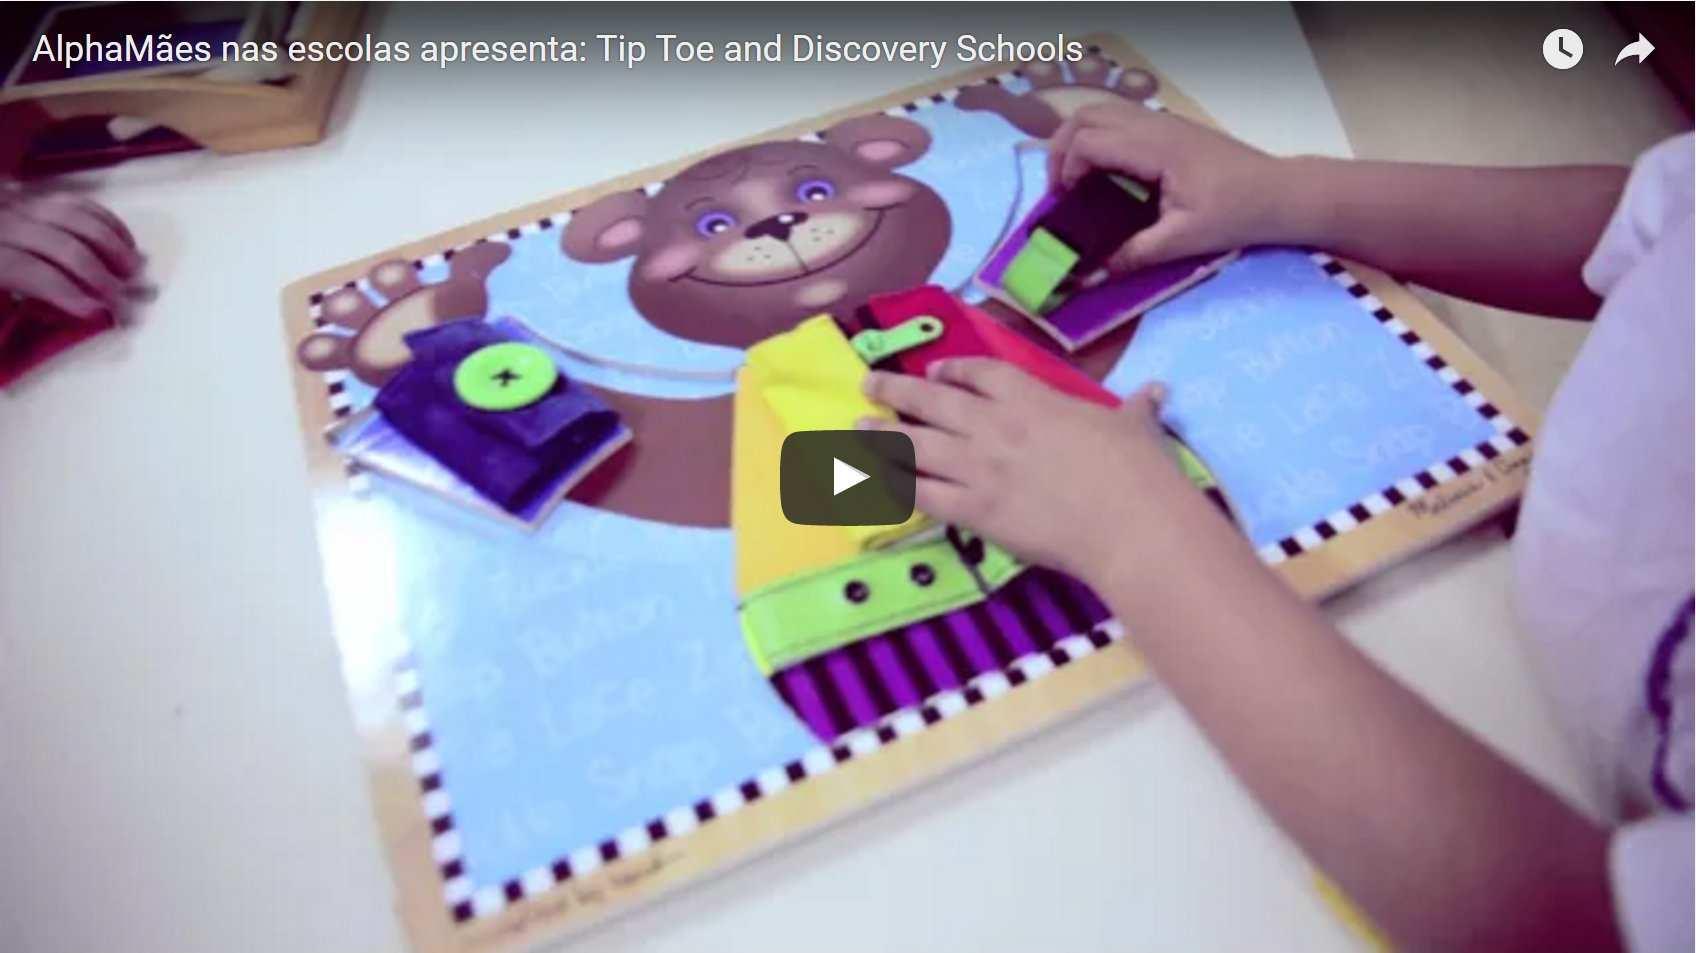 Tip Toe and Discovery Schools – uma escola americana bem pertinho de você